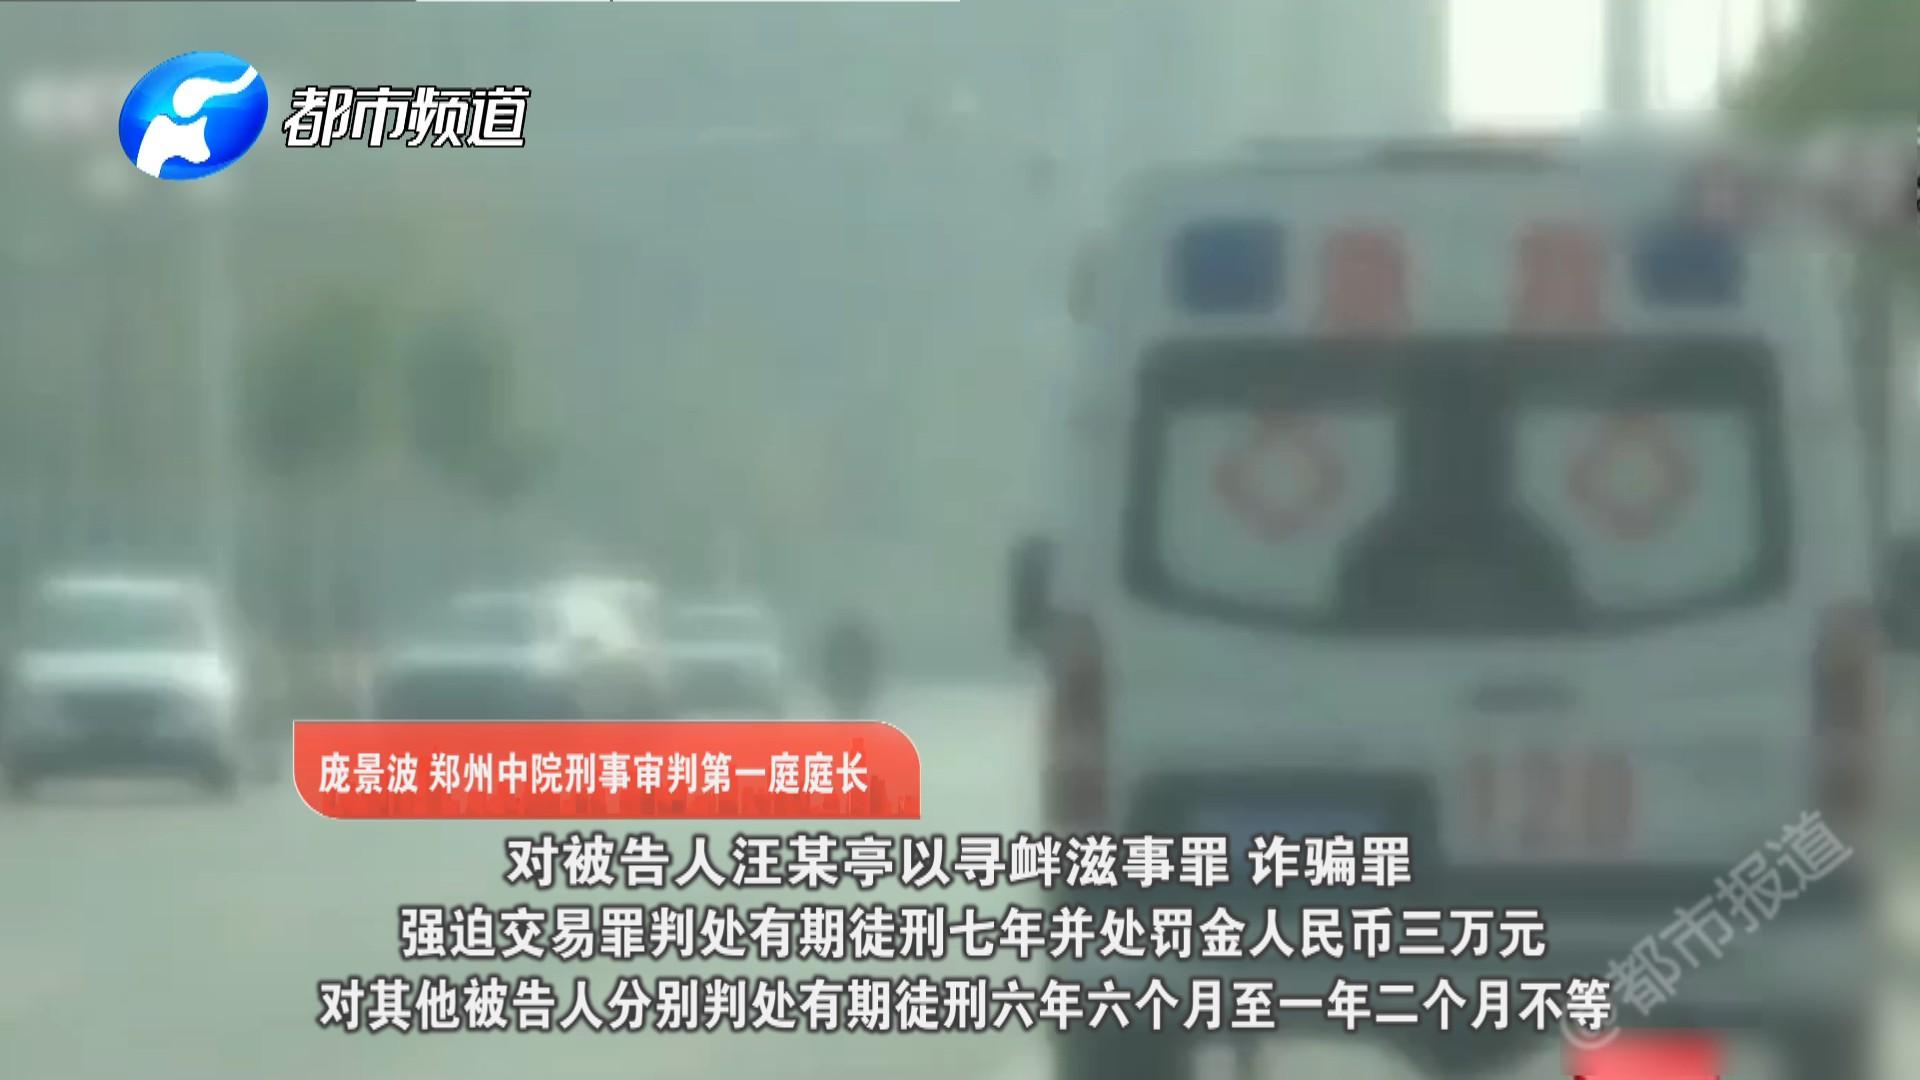 """郑州""""黑120""""威胁病人家属,不加价就停车!这次终于栽了"""